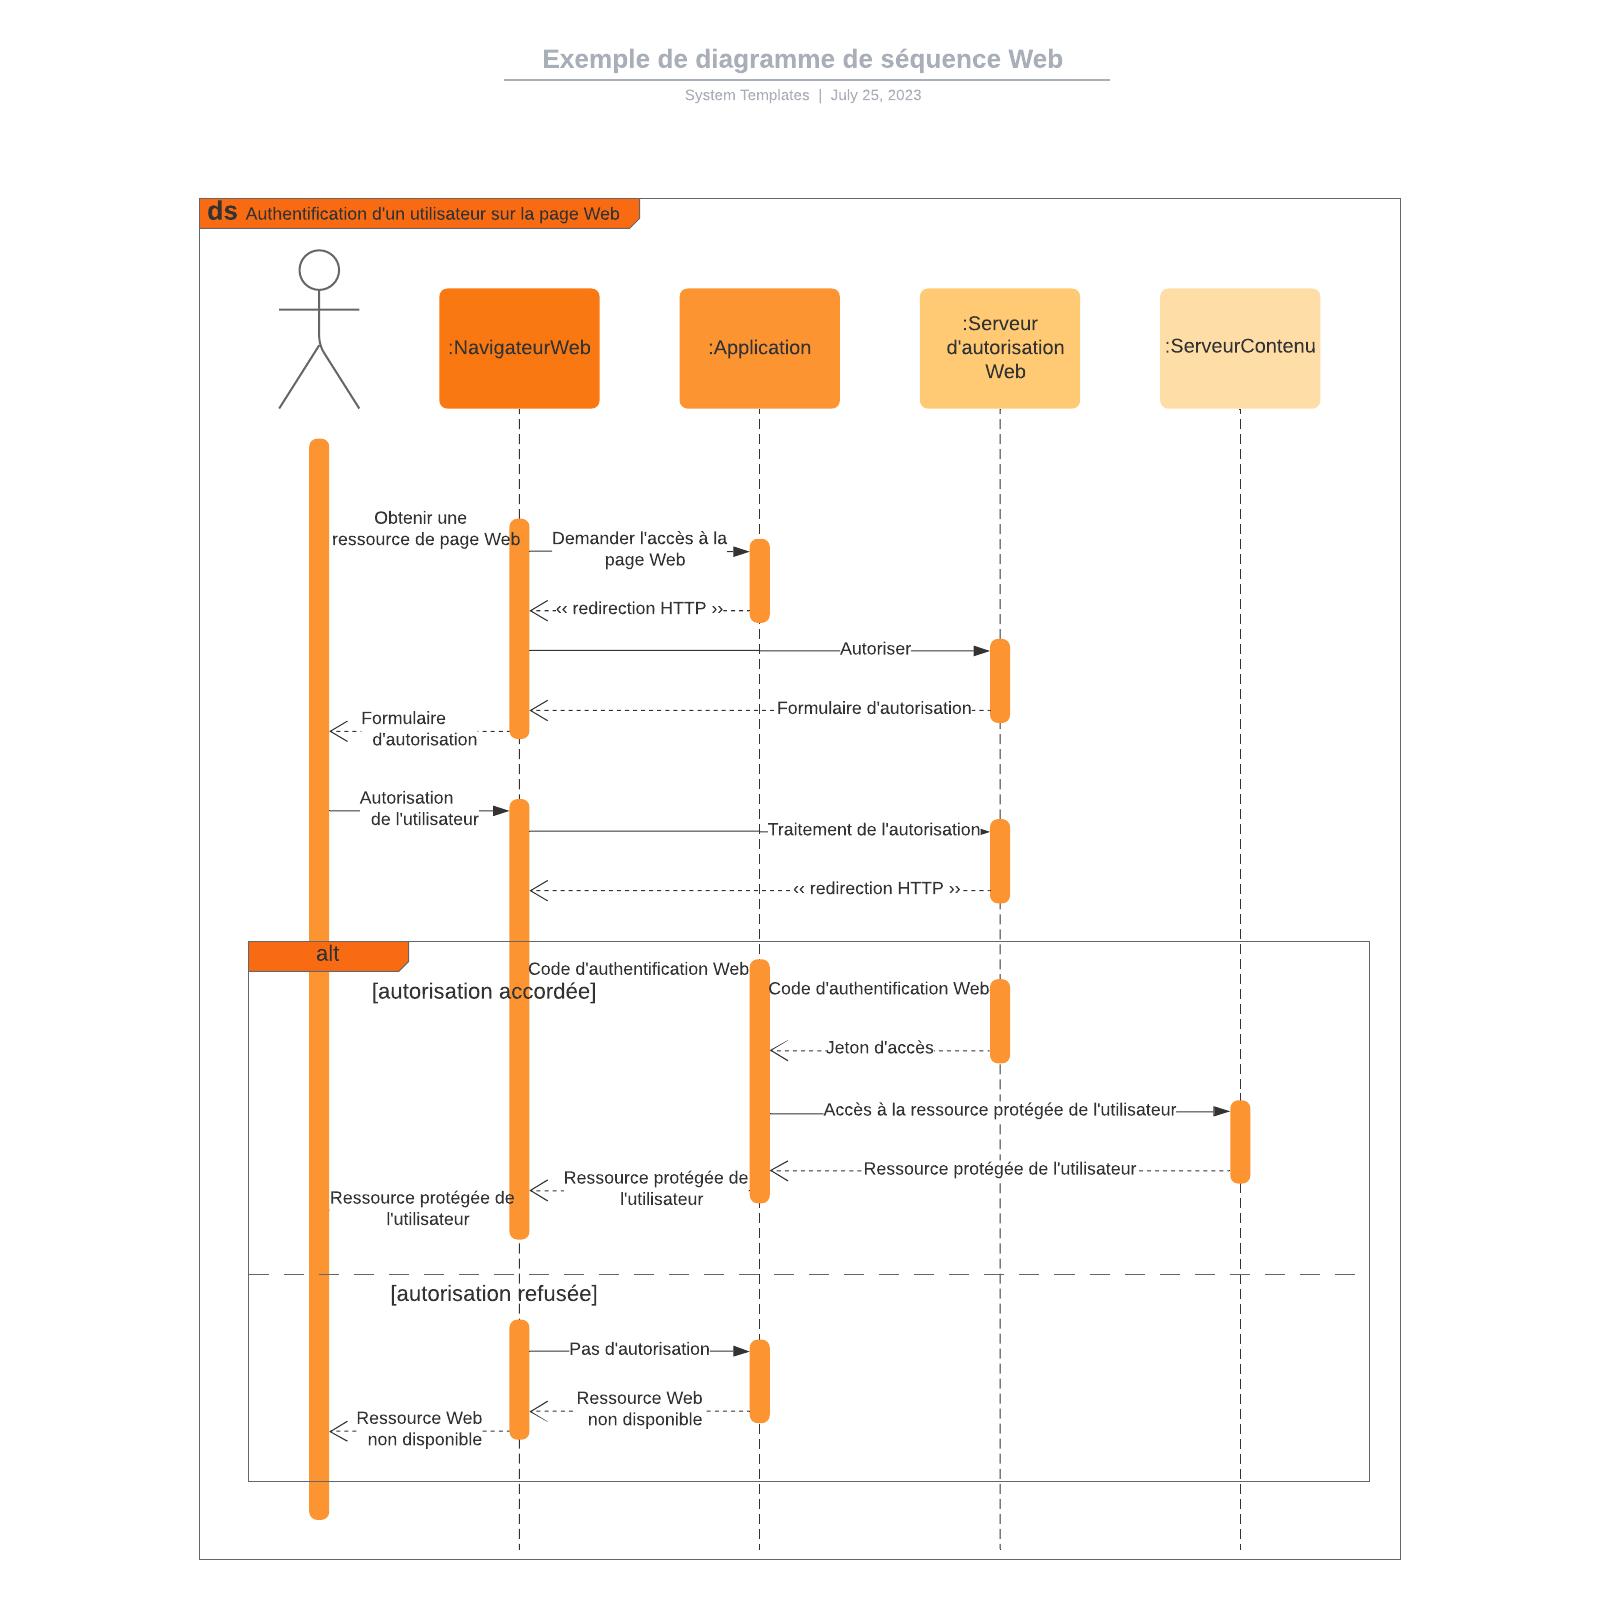 exemple de diagramme de séquence Web